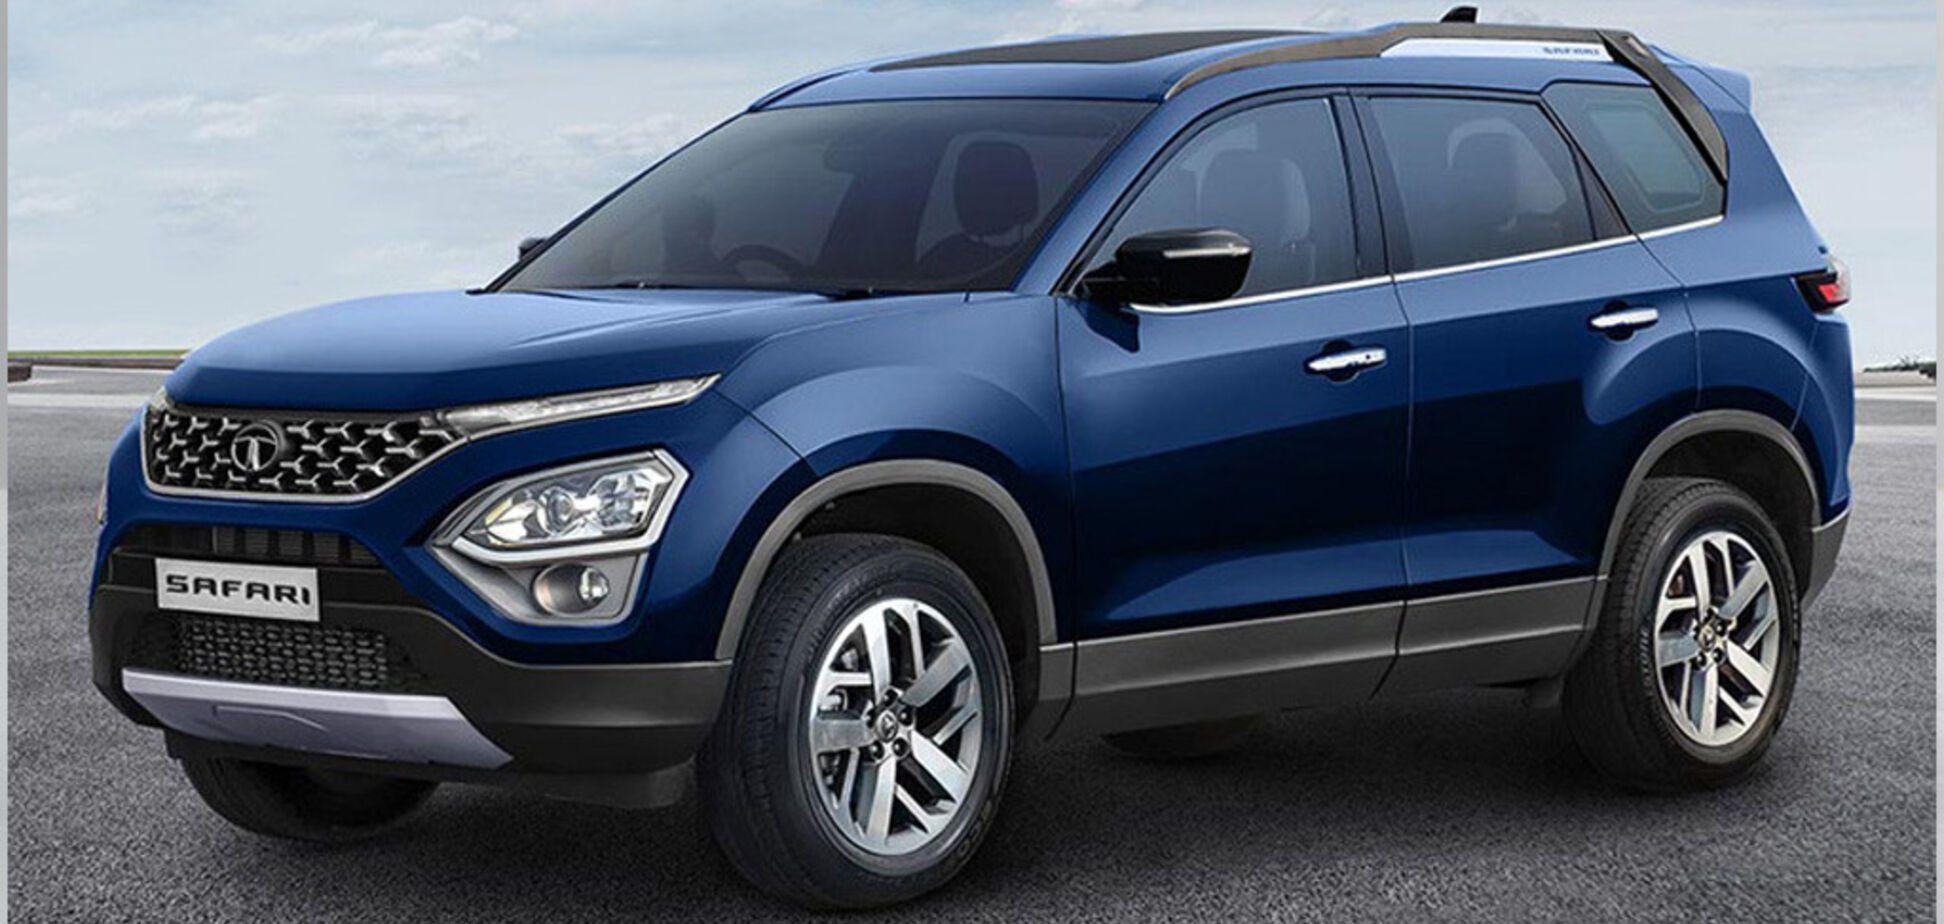 Tata презентувала новий 7-місний позашляховик